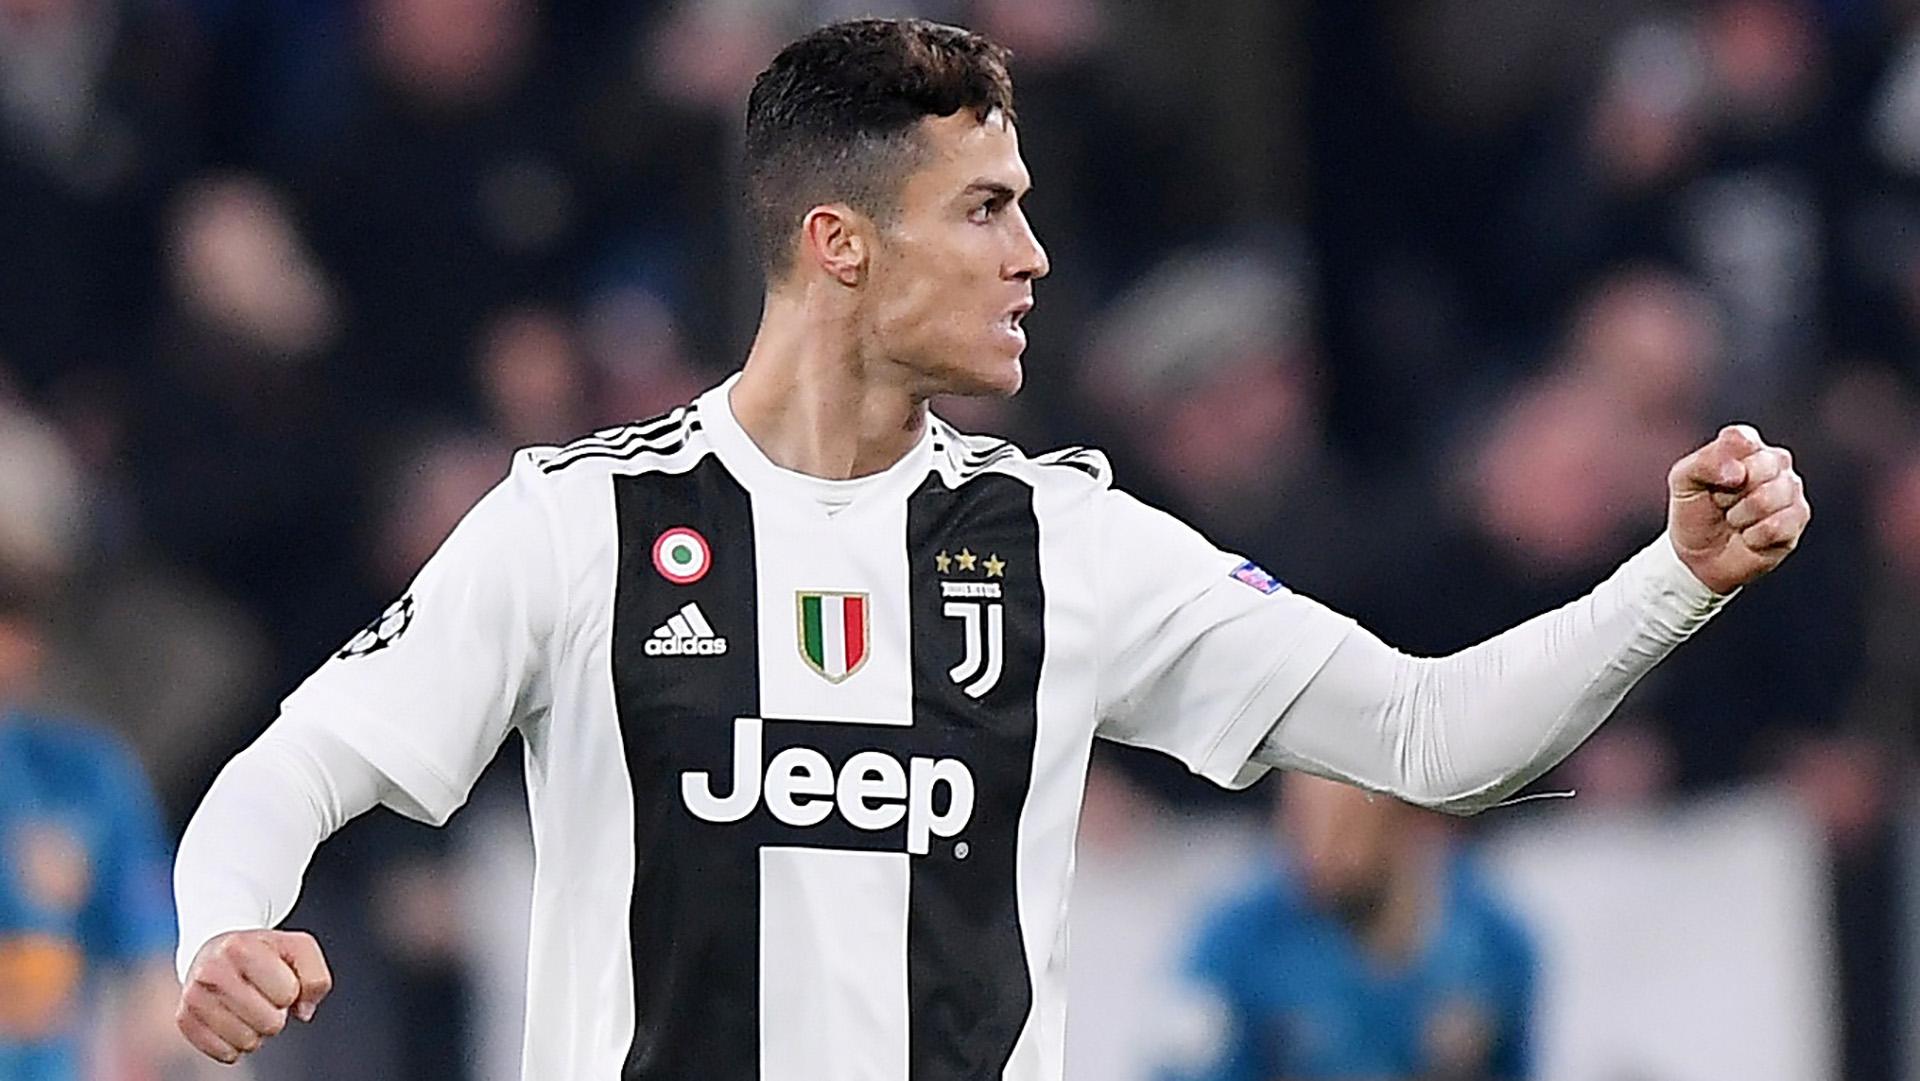 El portugués cierra una temporada con altibajos en la Juventus